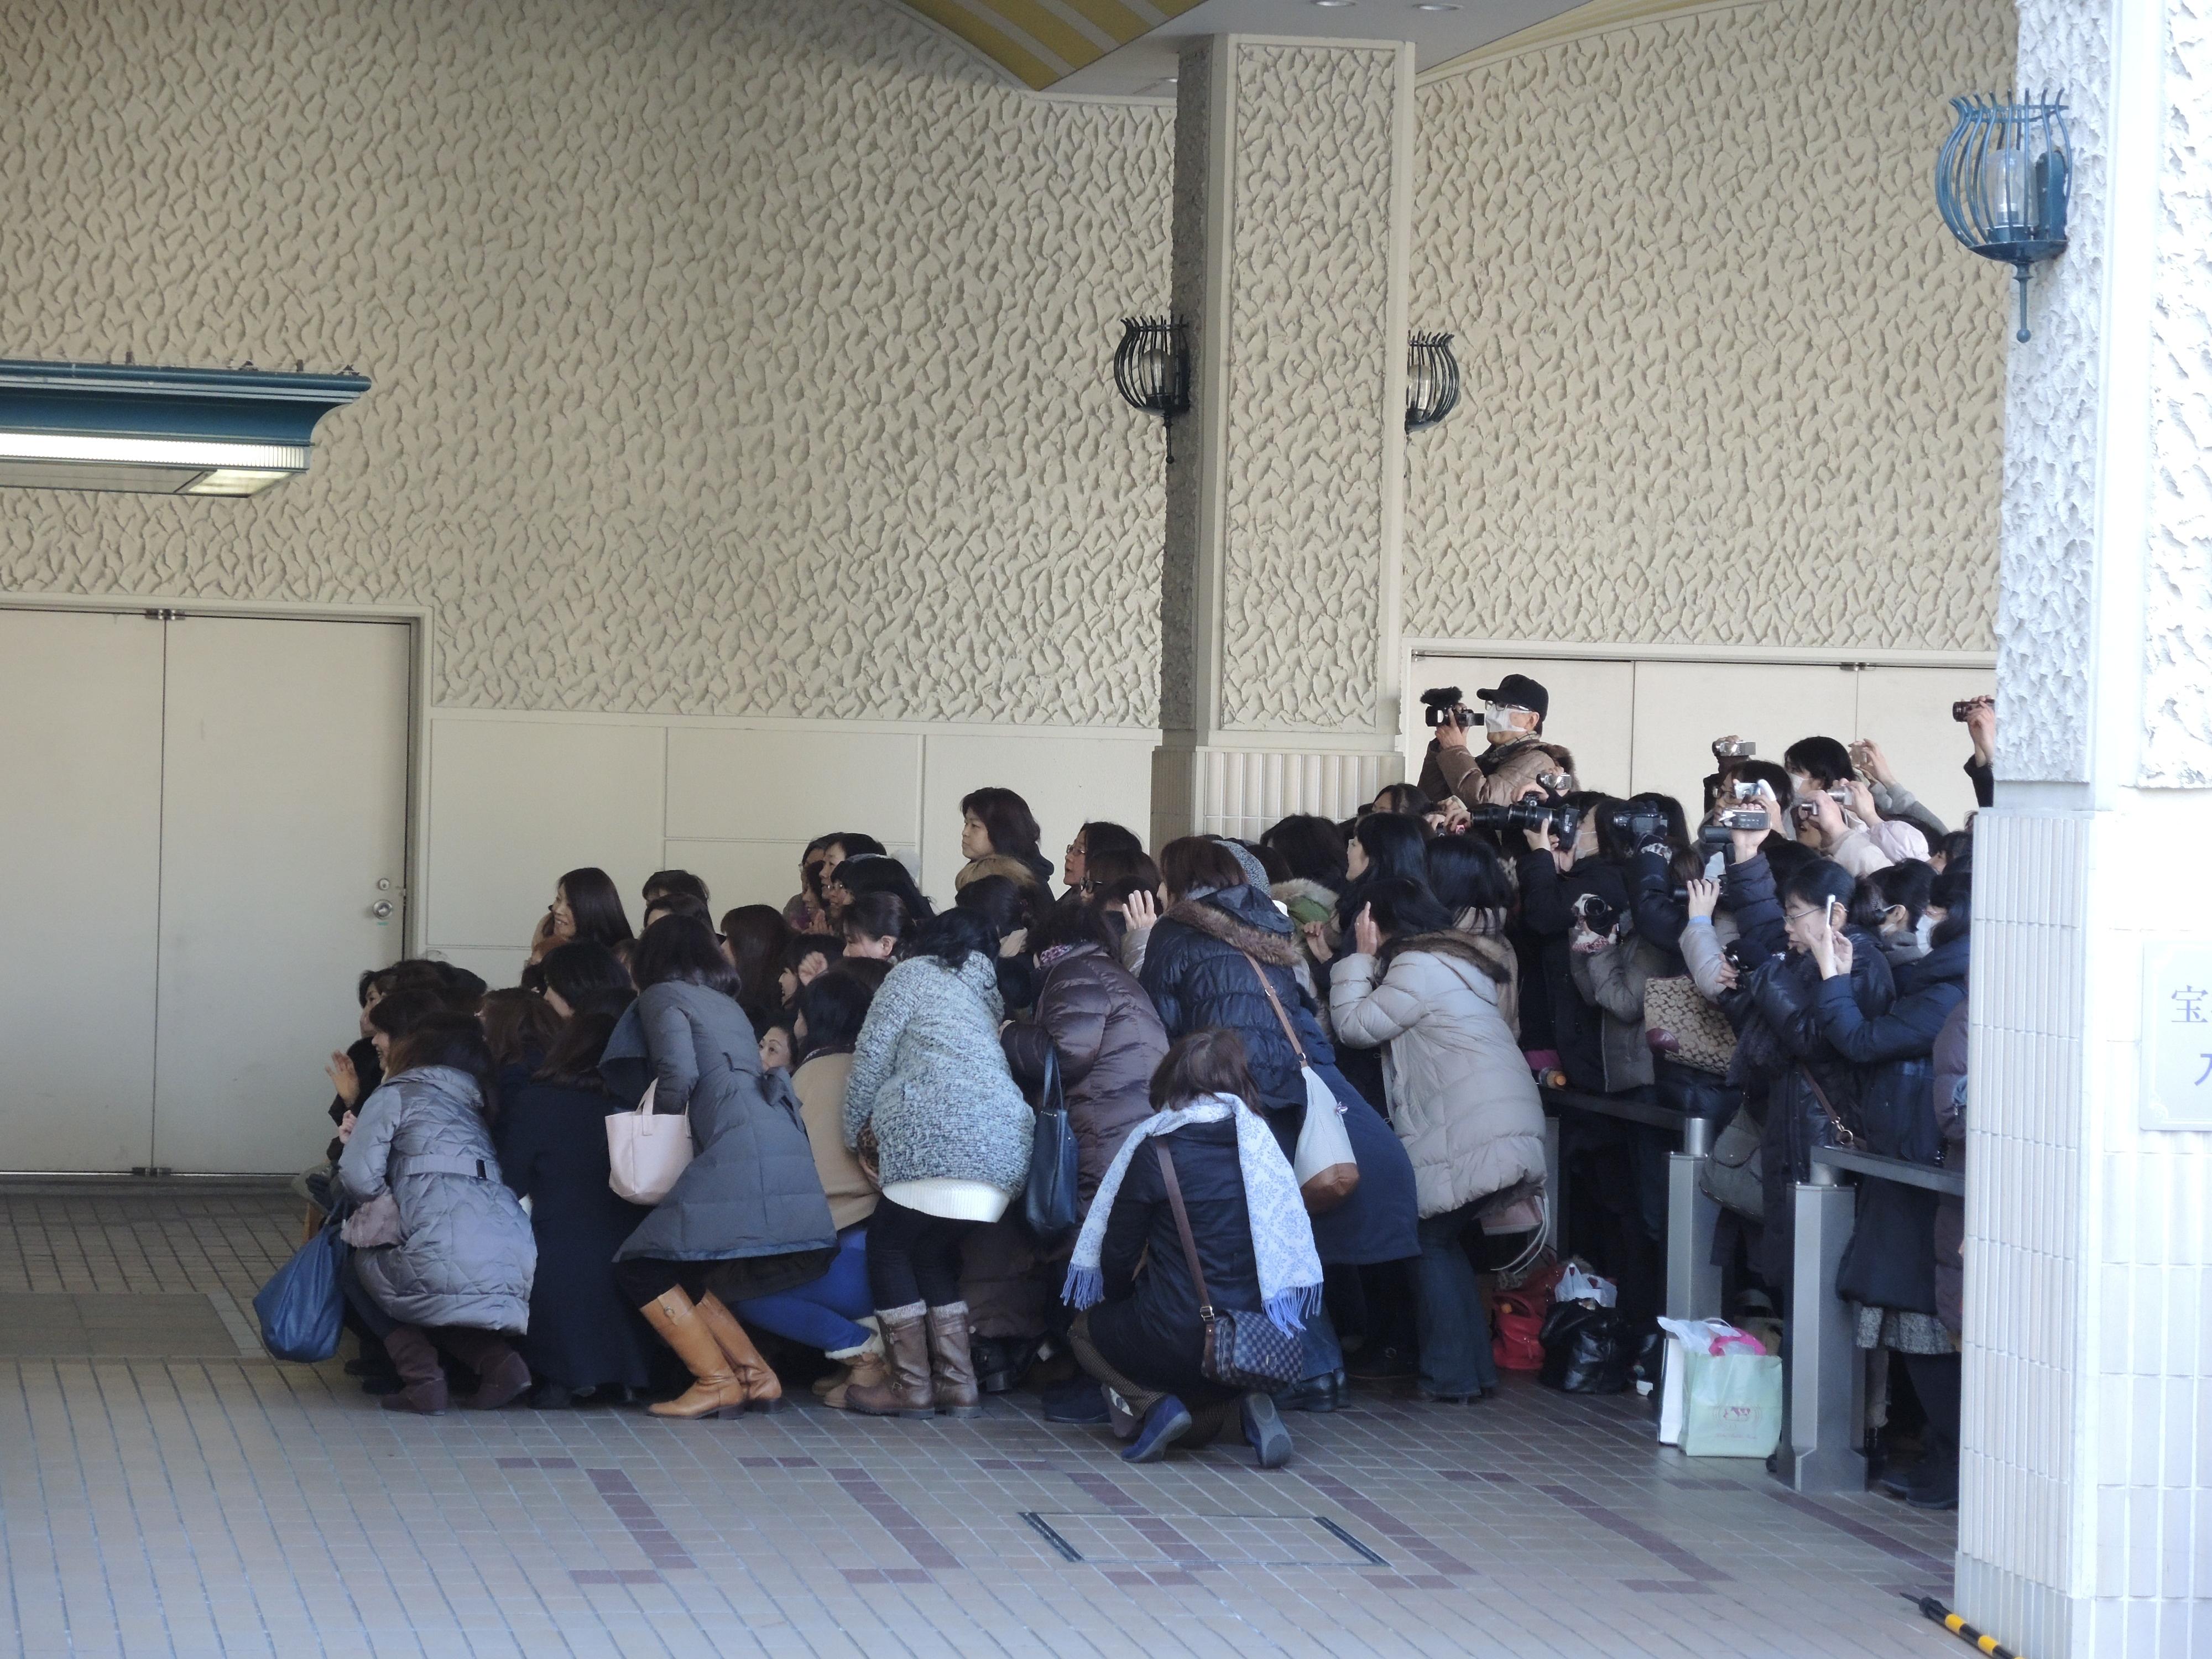 生徒出入待(圖片來源:可樂旅遊 蕭若玫)